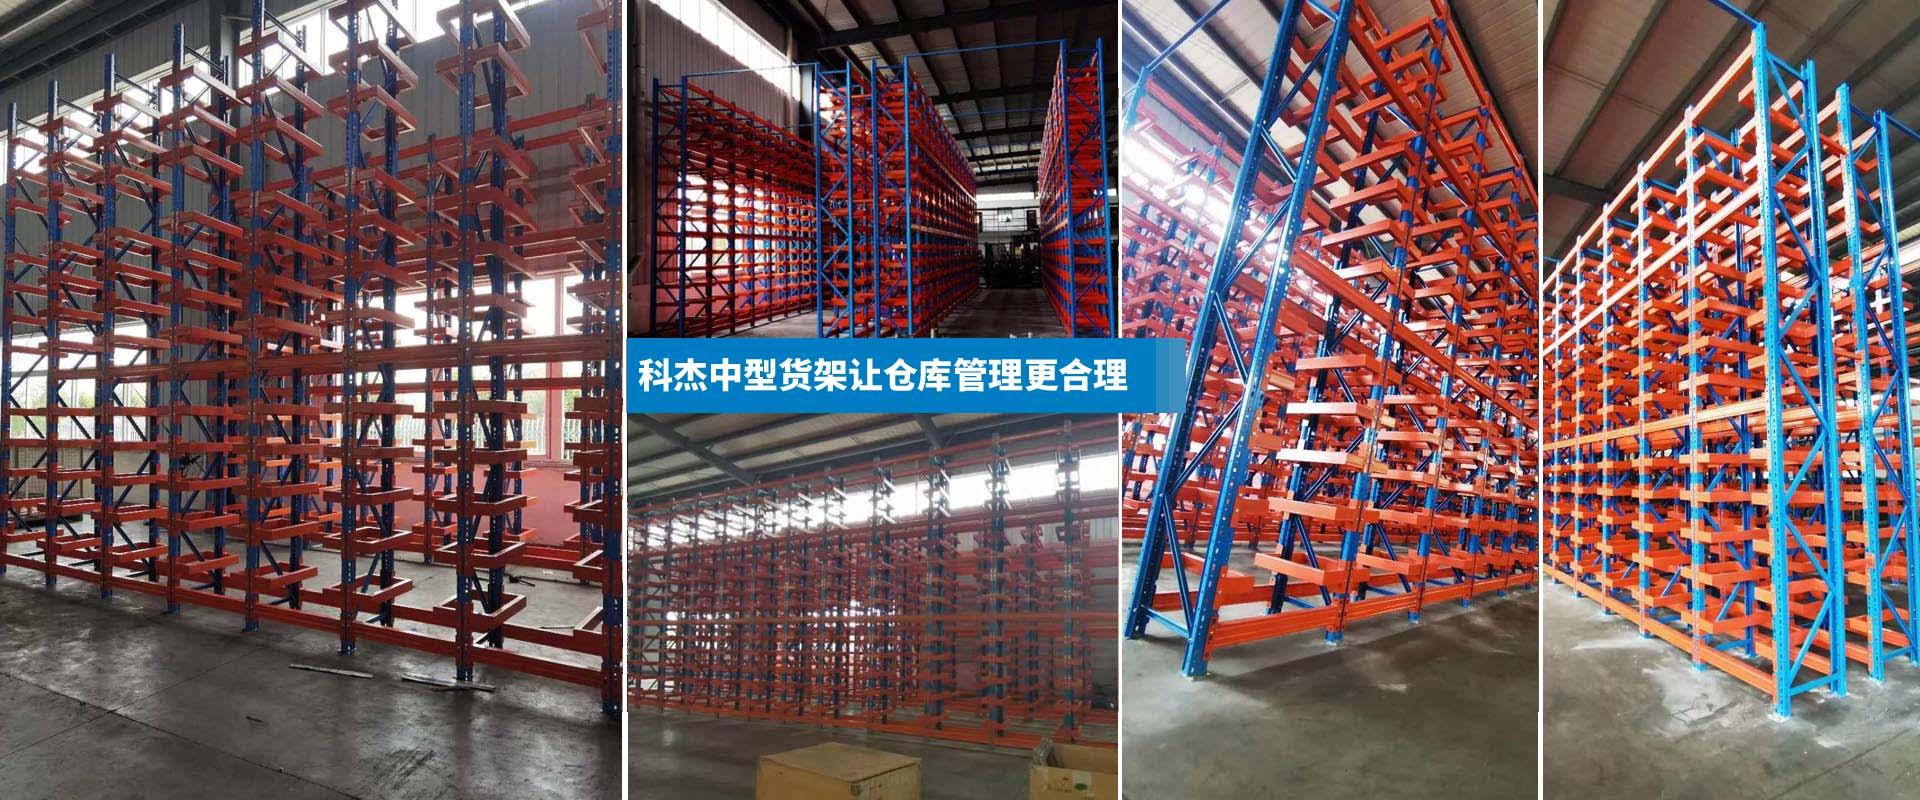 芜湖科杰智能仓储设备制造有限公司为芜湖诚拓汽车配件有限公司安装中型货架,方便货物分类、存放,有利于各类零件的清点